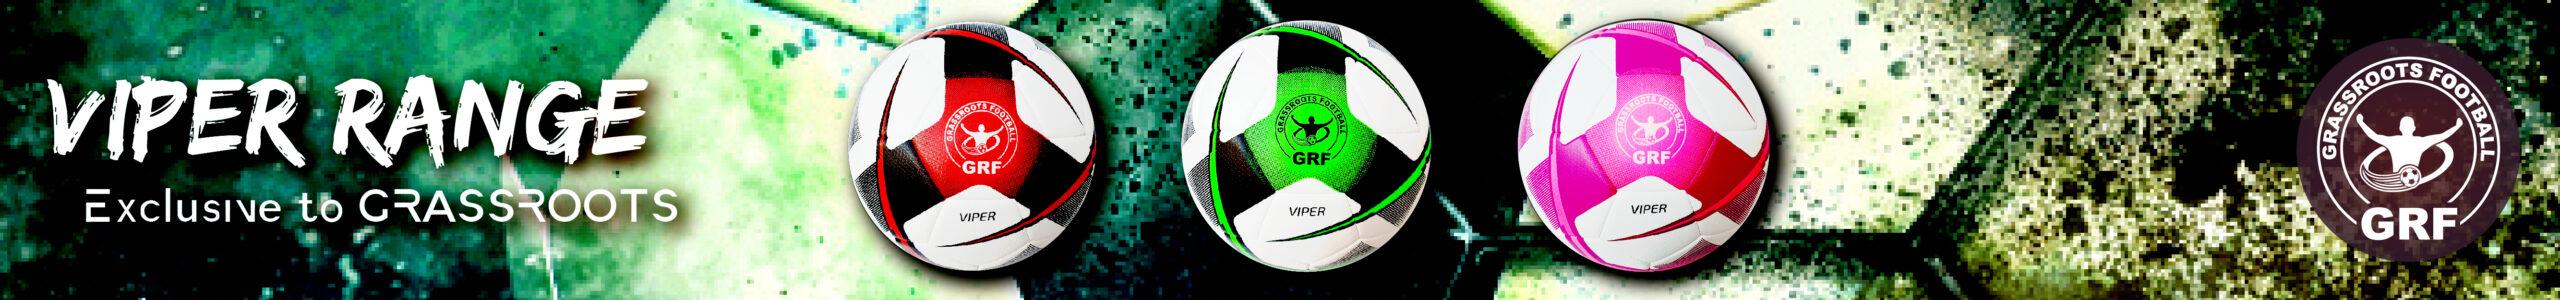 Viper Footballs Team Grassroots